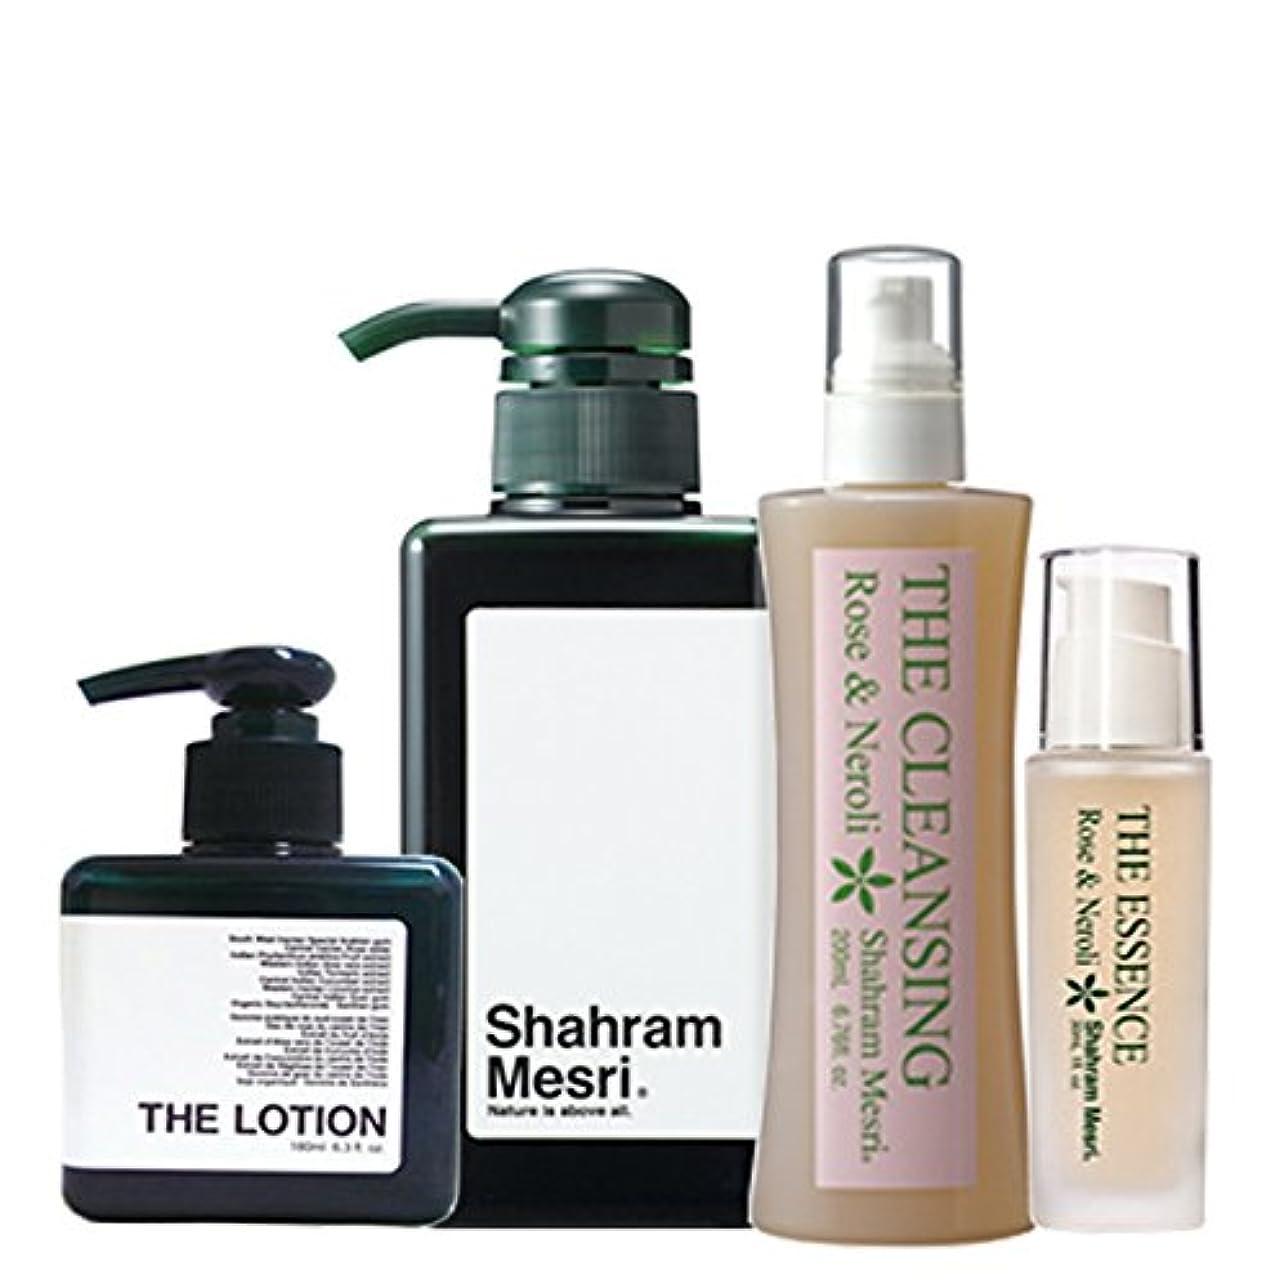 発行する生息地機動Shahram Mesri パーフェクトセット シャハランメスリ ザ?シャンプー ザ?ローション ザ?クレンジング ザ?エッセンス のセットです。 お化粧落としからシャンプーそしてローションエッセンスの仕上げまで お試しください。